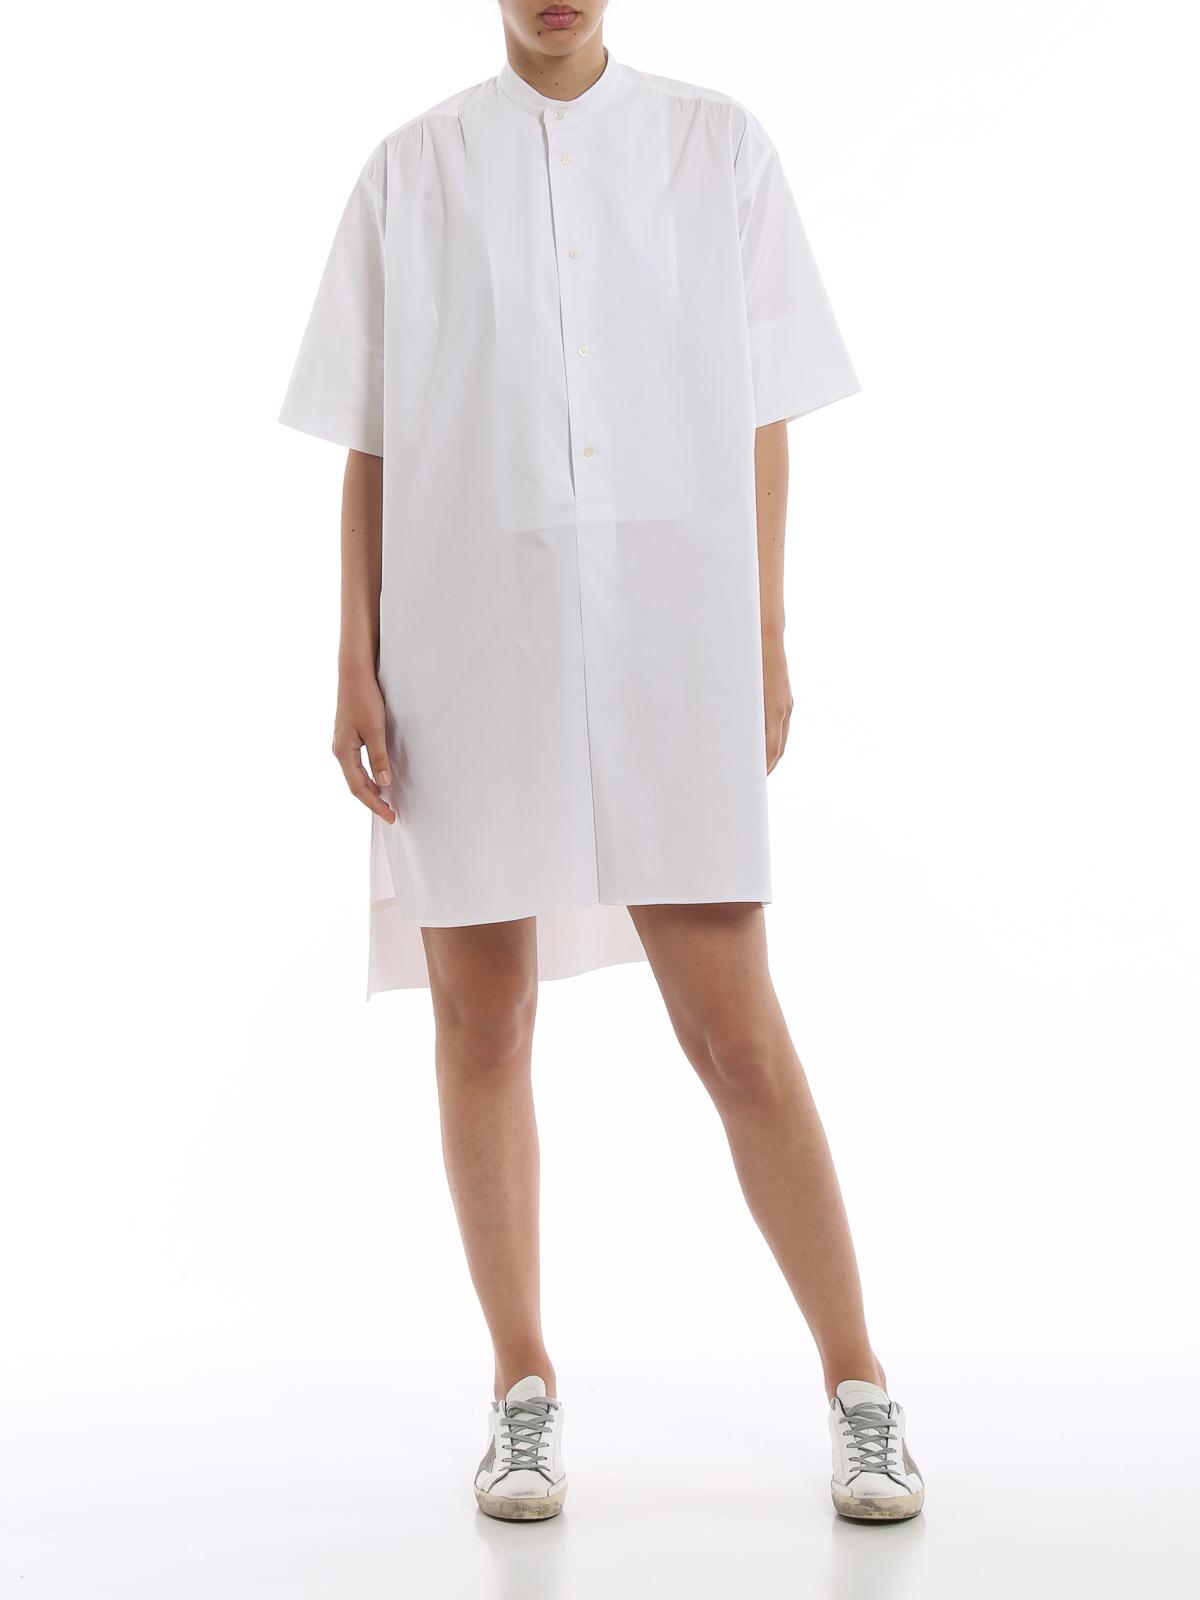 size 40 c9c75 9b838 Fay - Chemisier in cotone bianco - abiti al ginocchio ...